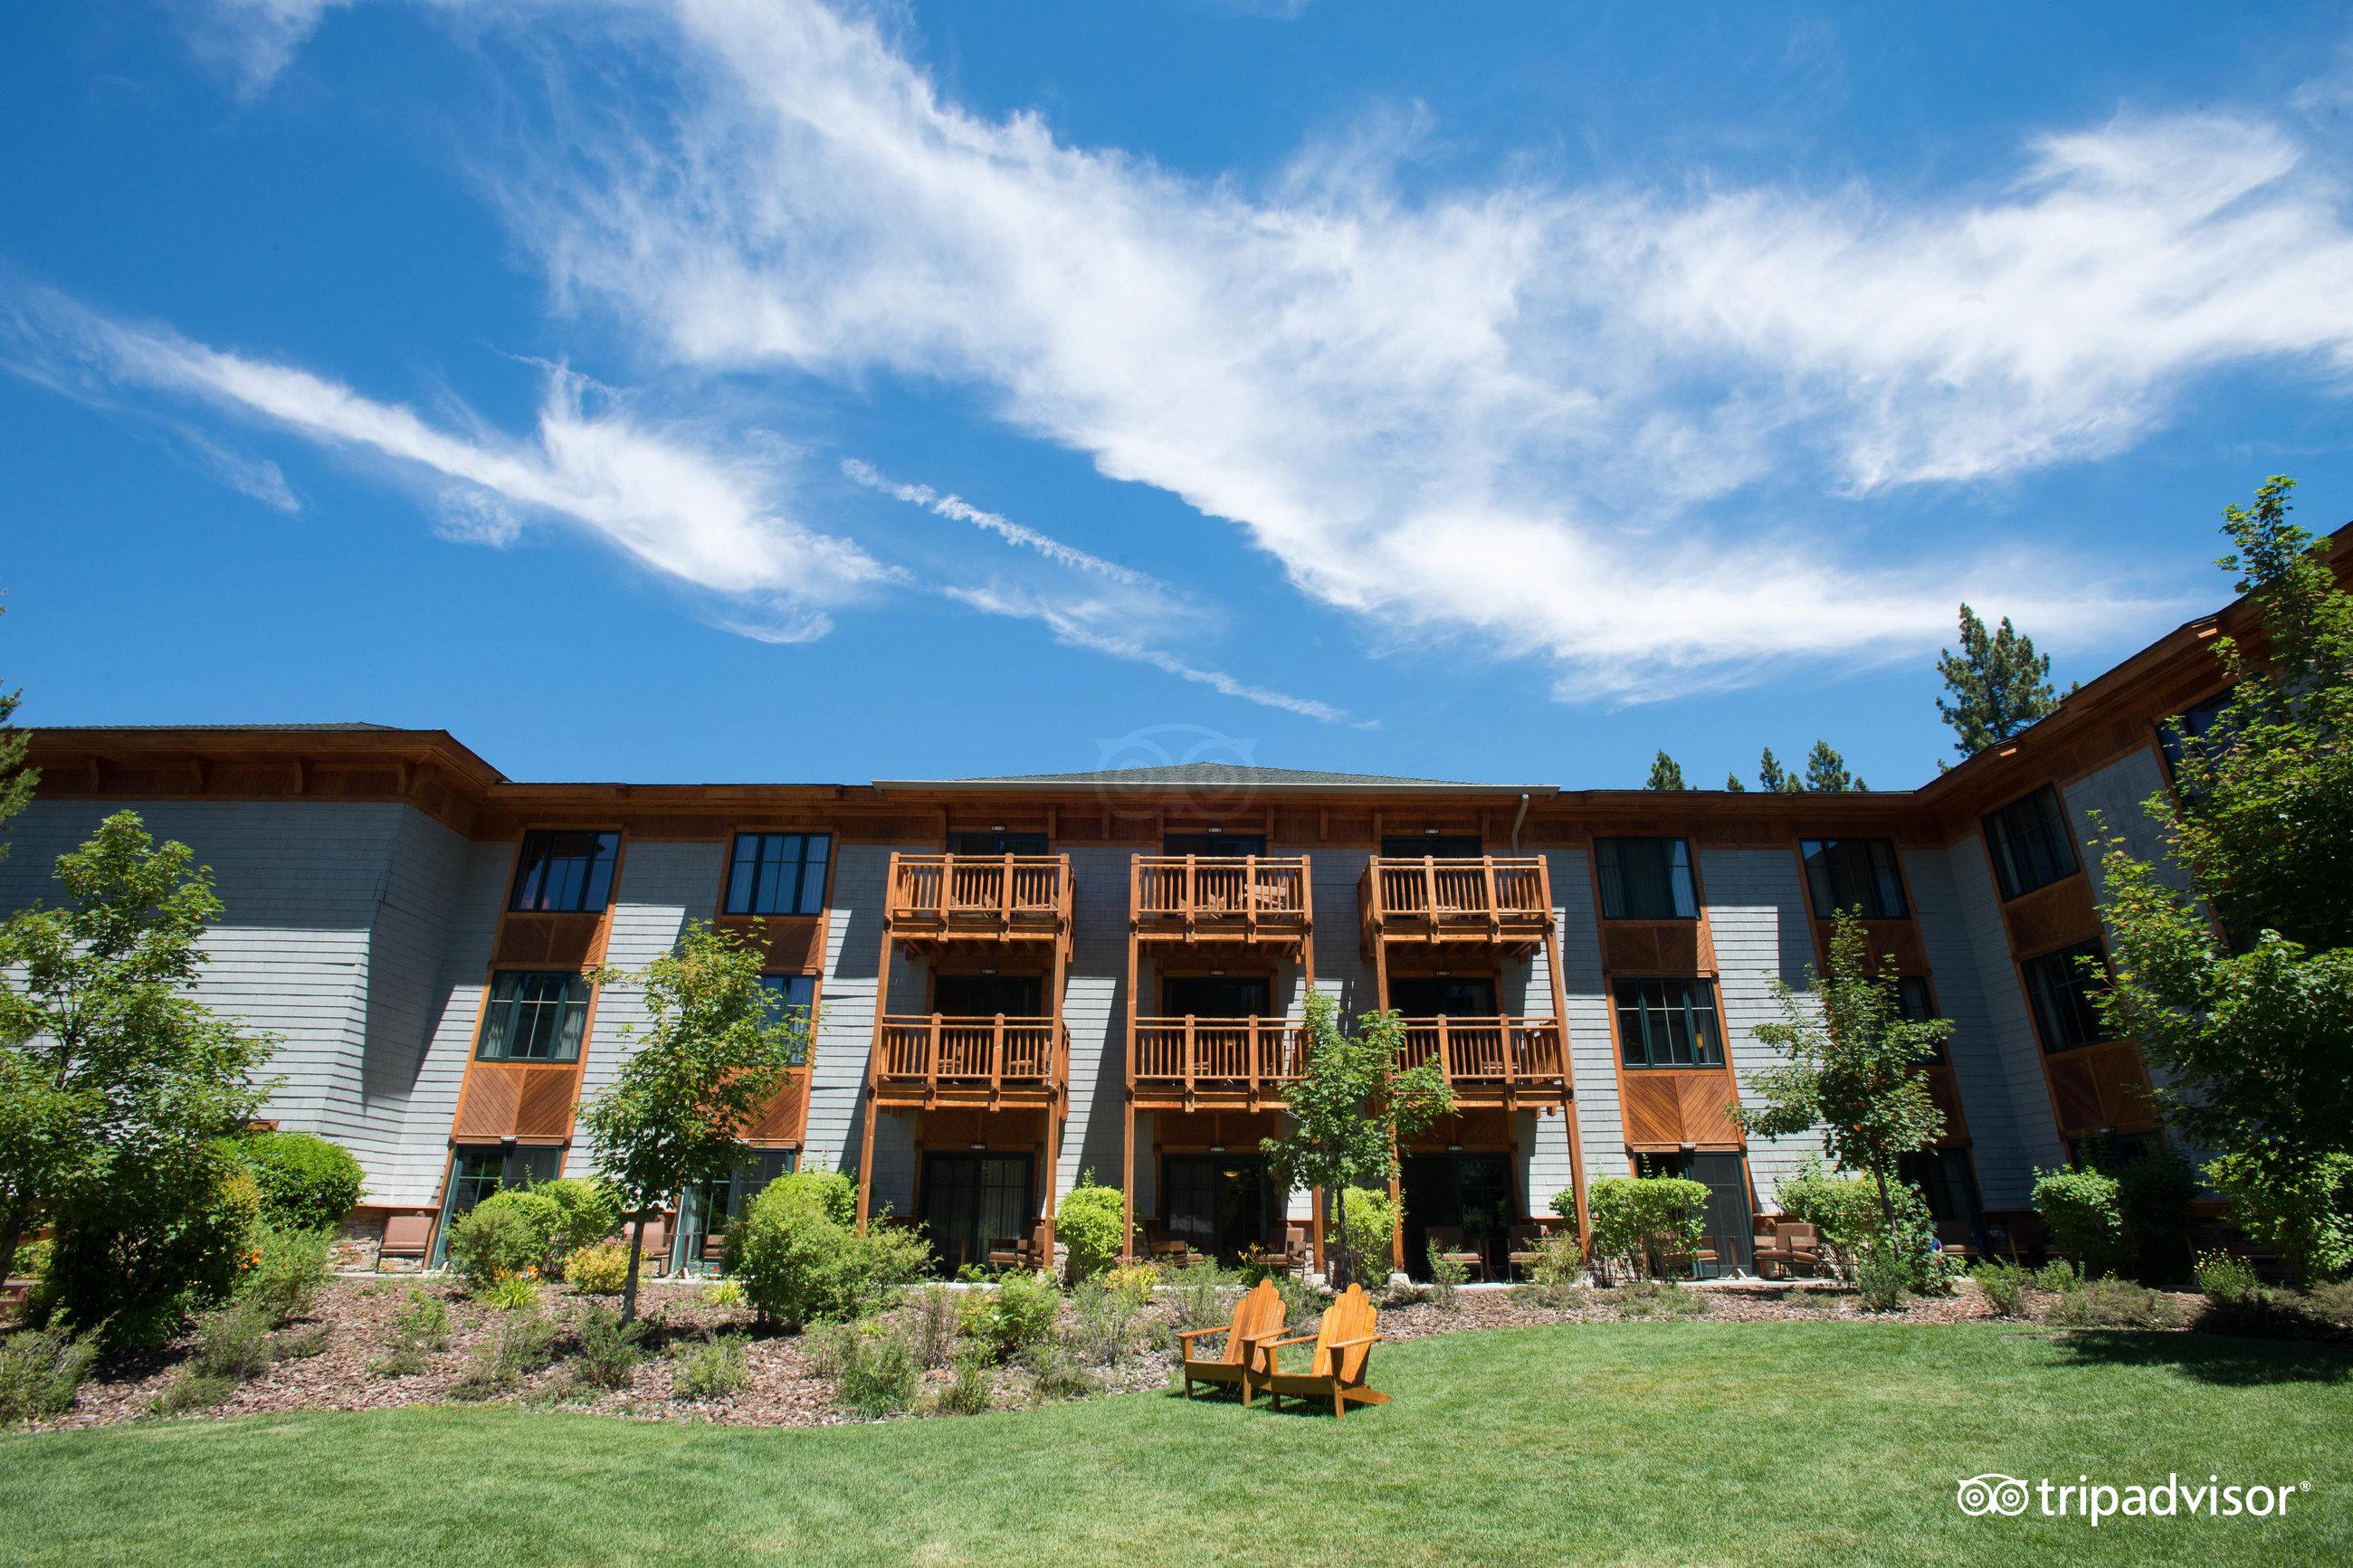 Hyatt casino north lake tahoe